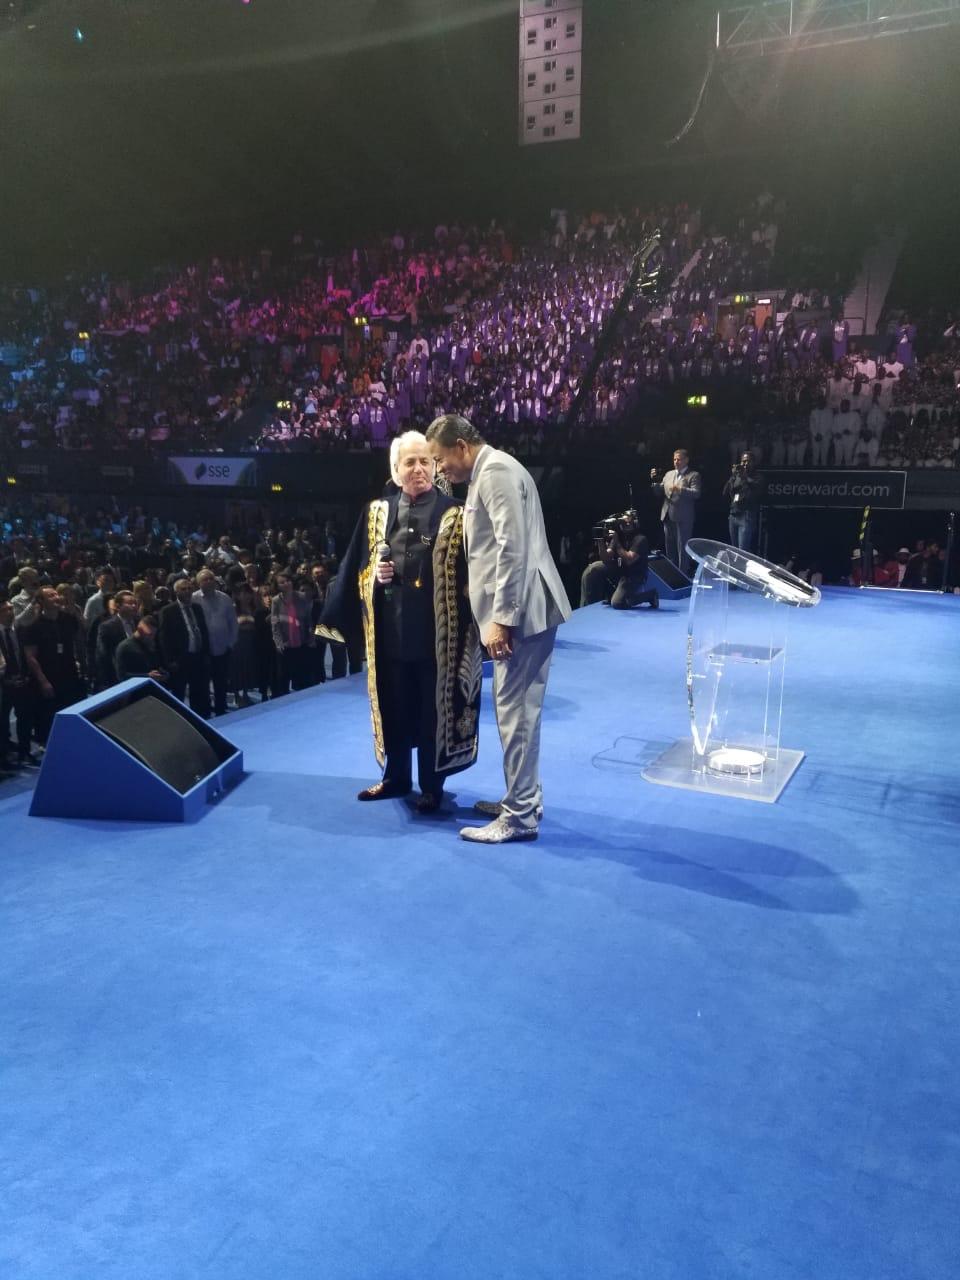 WORLD EVANGELISM CONFERENCE 2019 🌟✨🌟✨🌟✨🌟✨🌟✨🌟